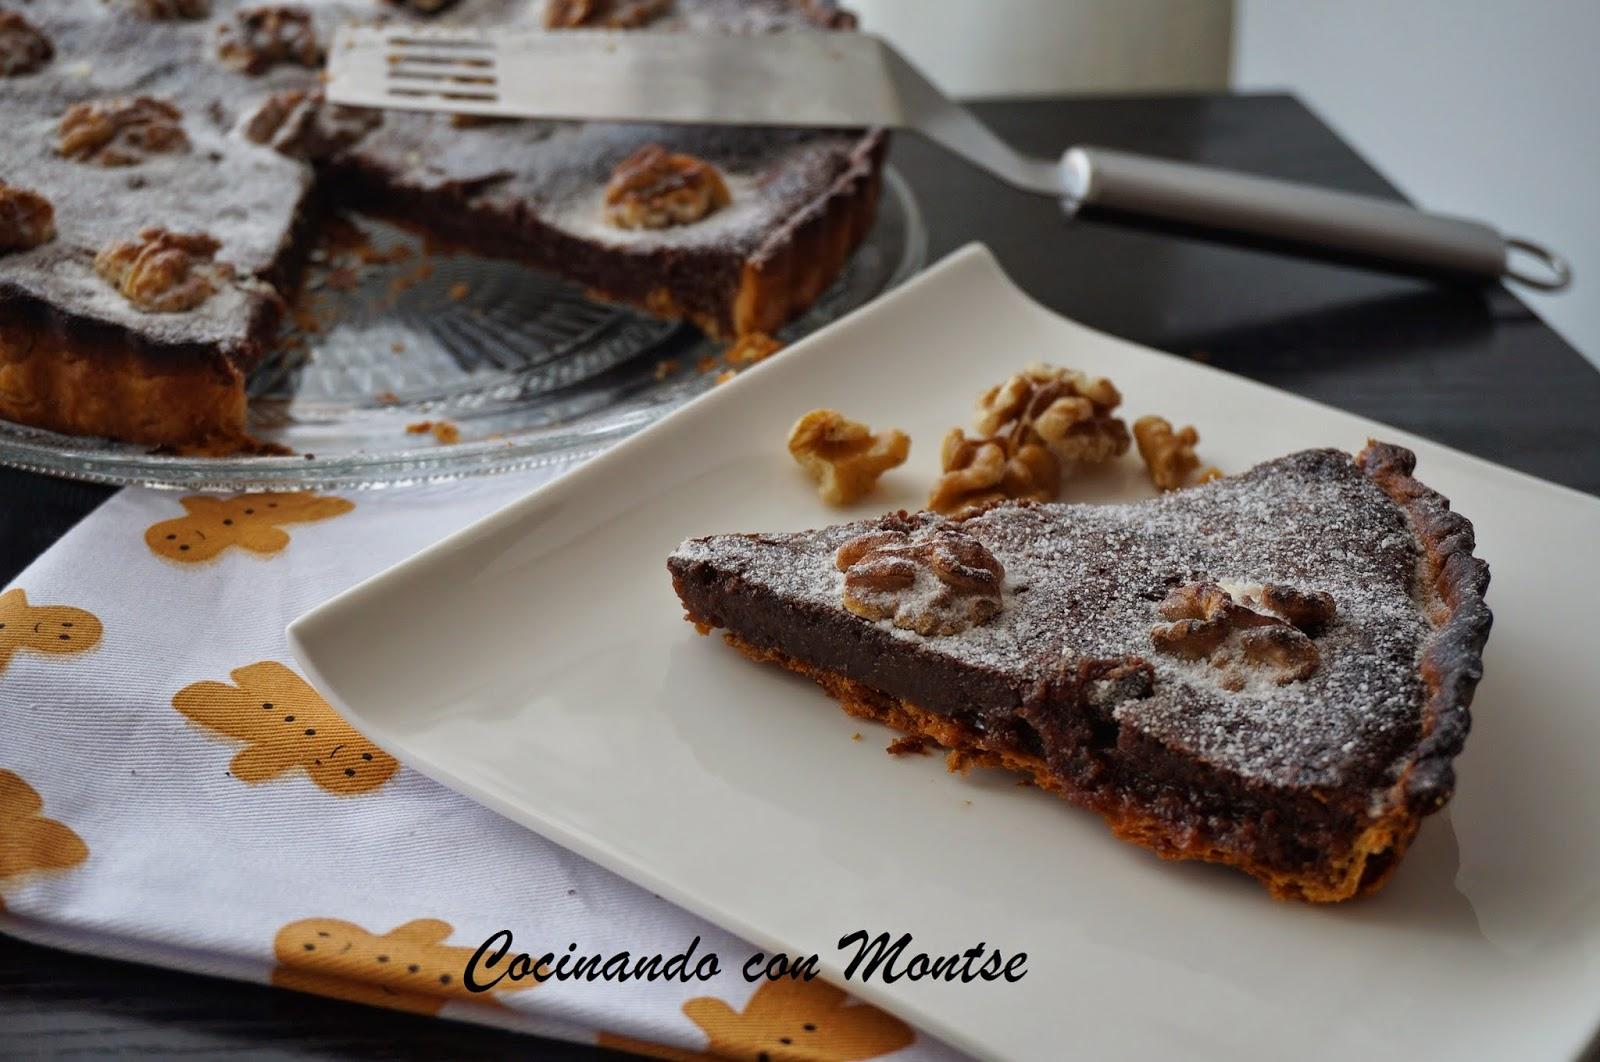 Tarta de Nutella y Sirope de Arce